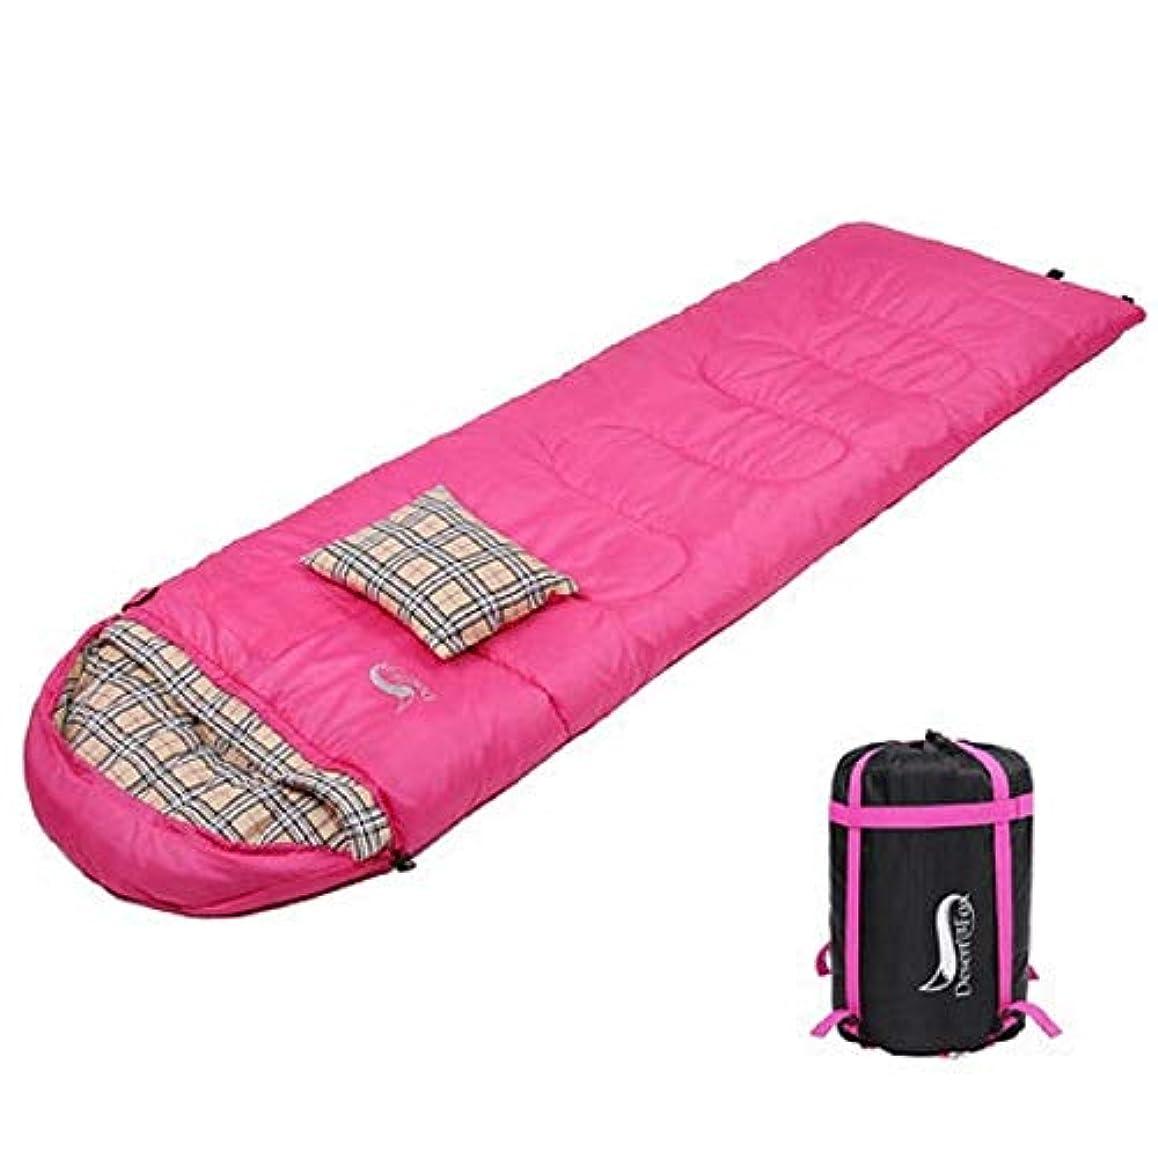 炭素かもめ闇キャンプの寝袋超軽量ポータブルアダルト暖かい寝袋シングル3-4シーズンハイキングバックパックレジャーアウトドアアクティビティピンクブルー (色 : ピンク)